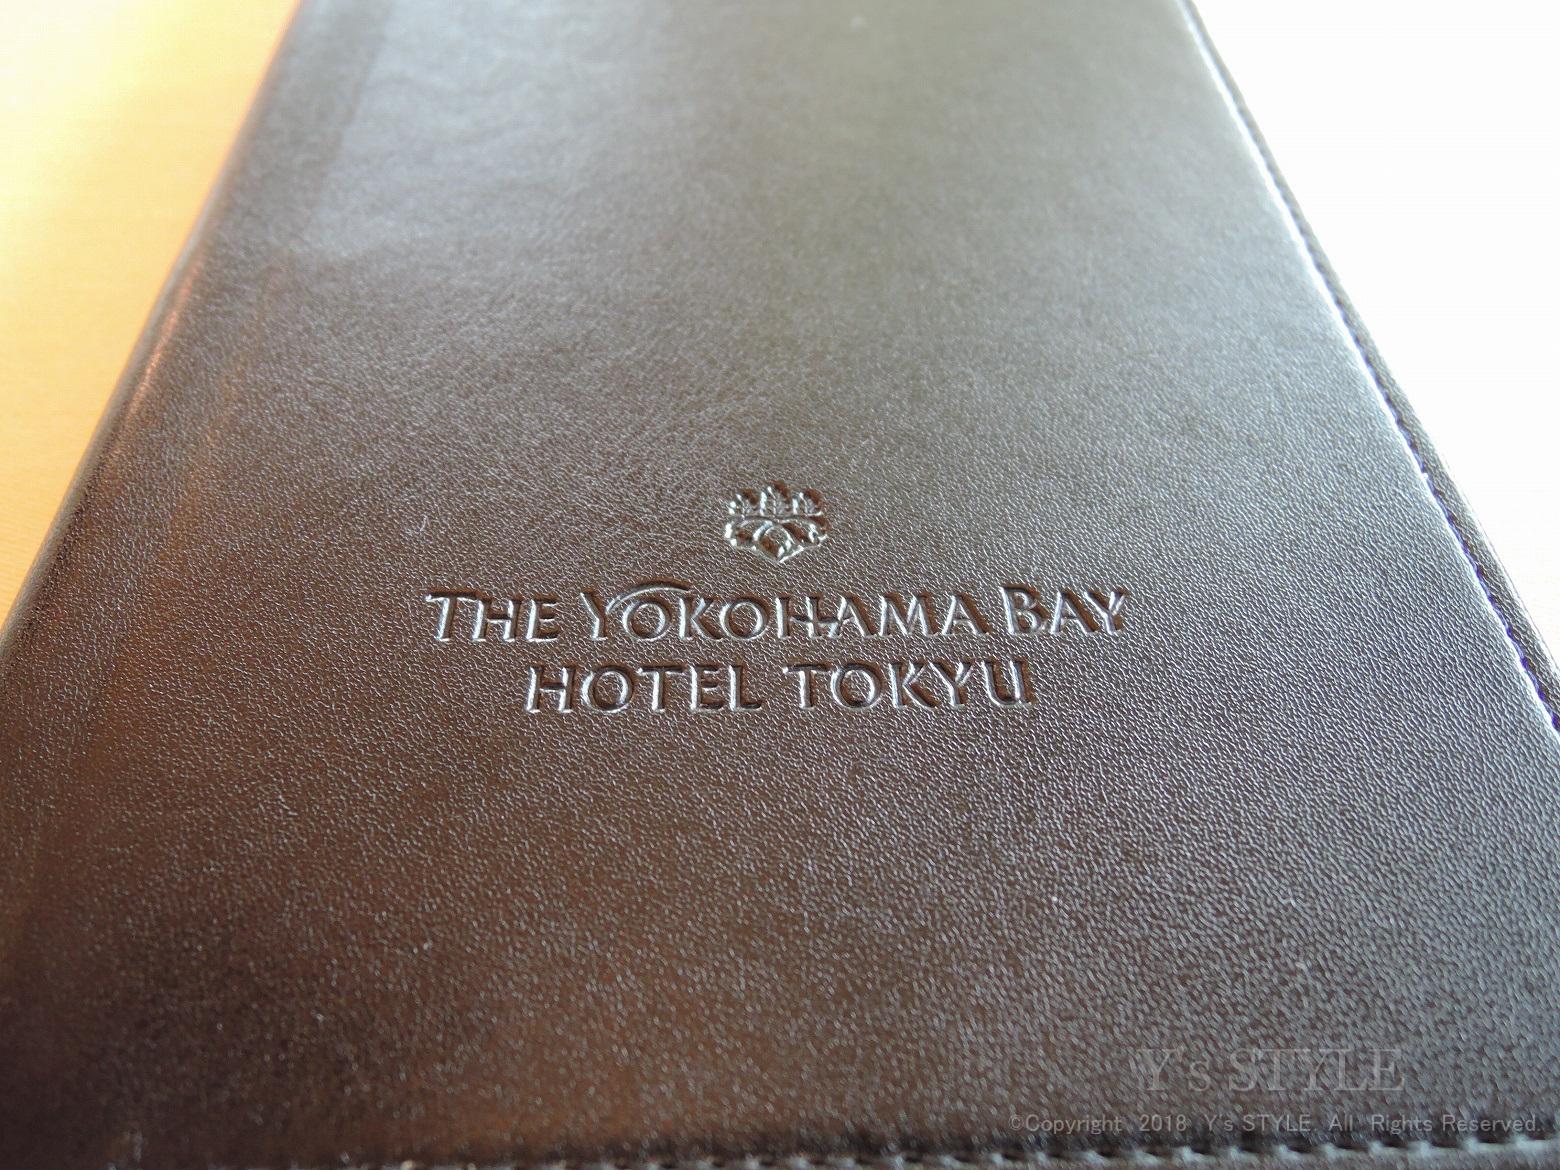 誕生日にThe Yokohama Bay Hotel TokyuにあるQueen Aliceに行ったよ